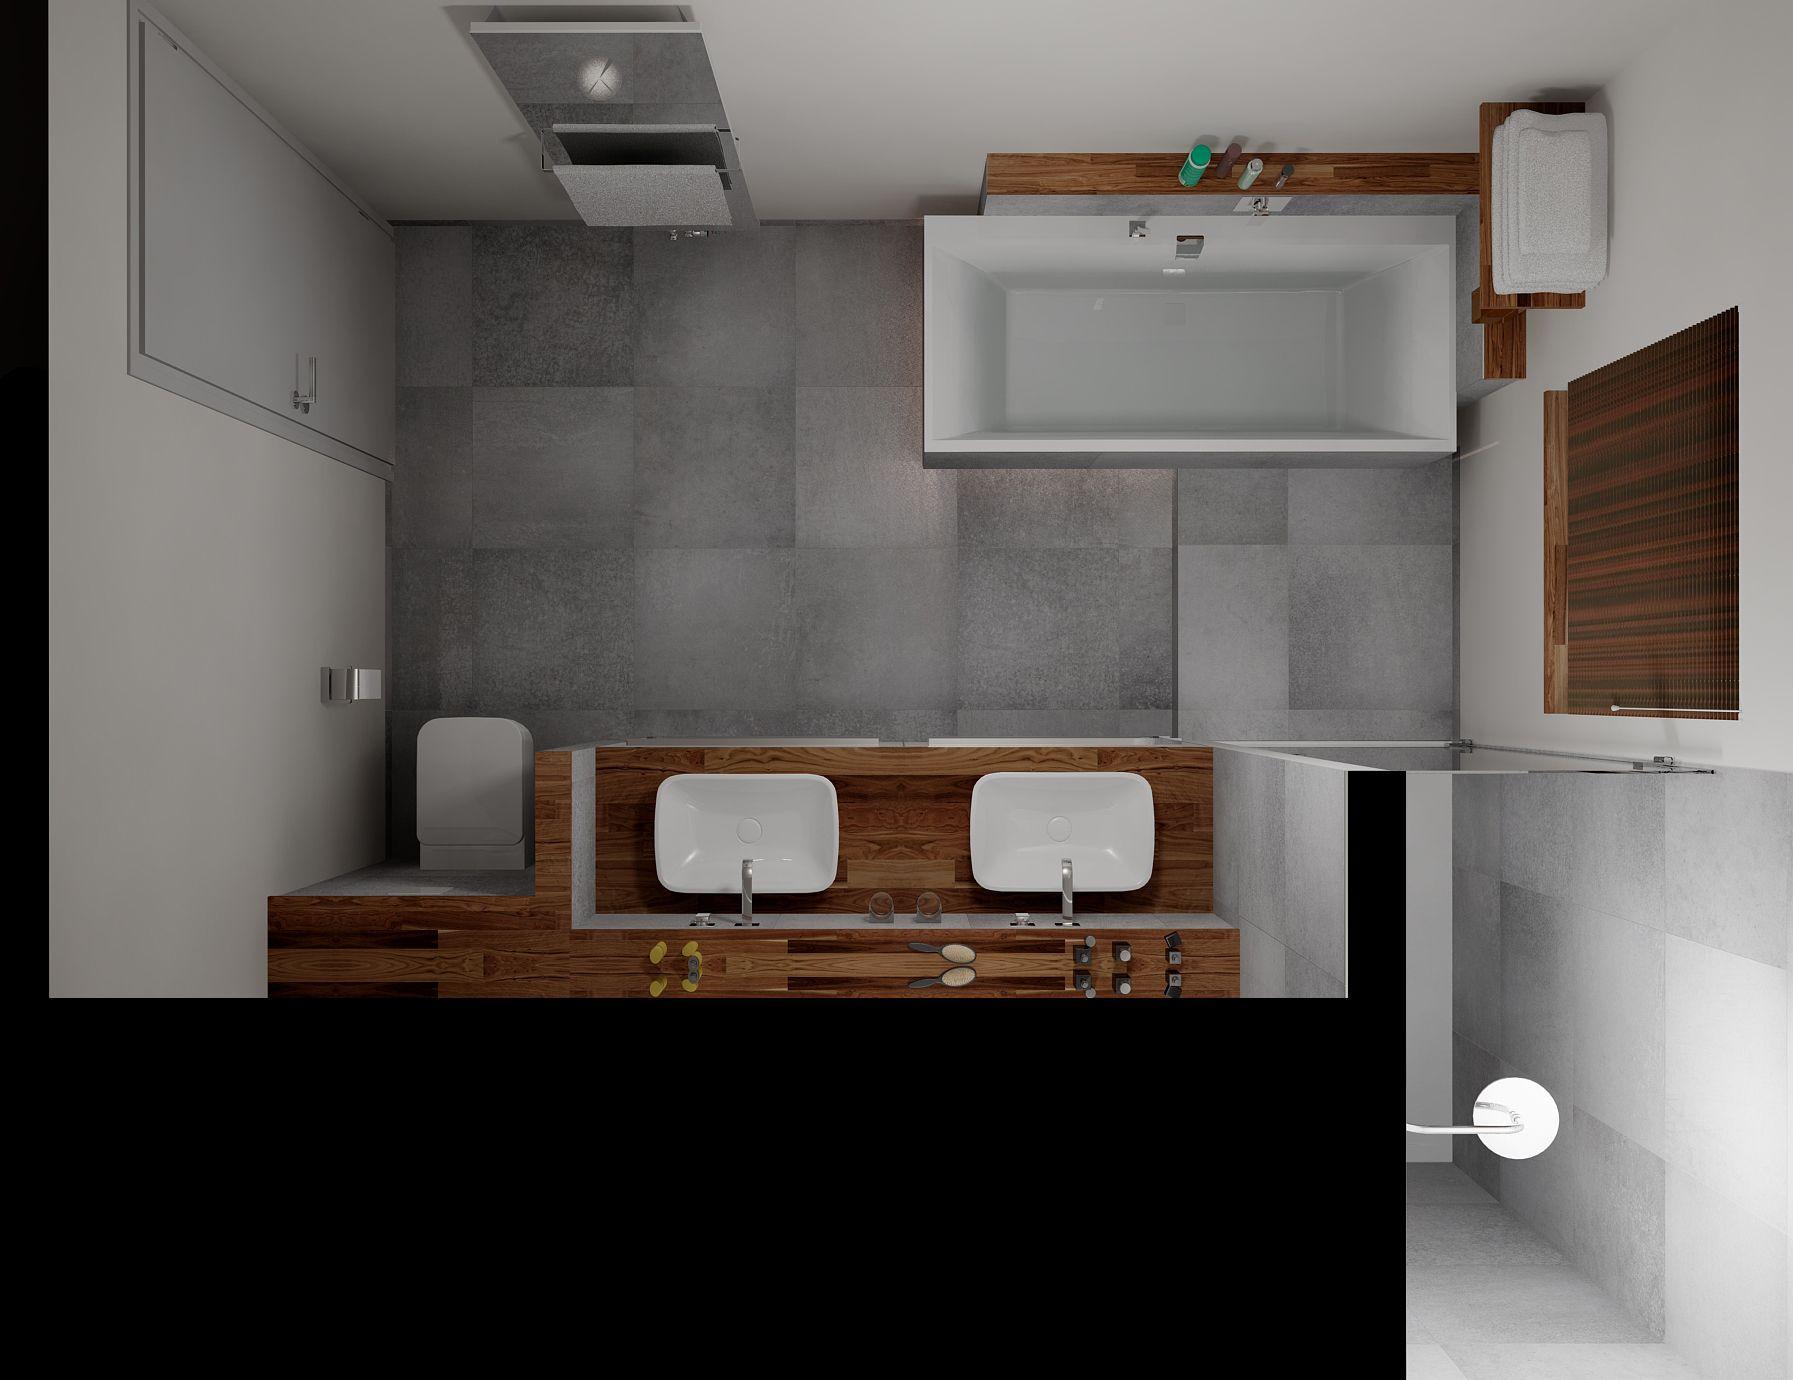 ruime badkamer waarbij het ligbad enigszins los lijkt te staan van